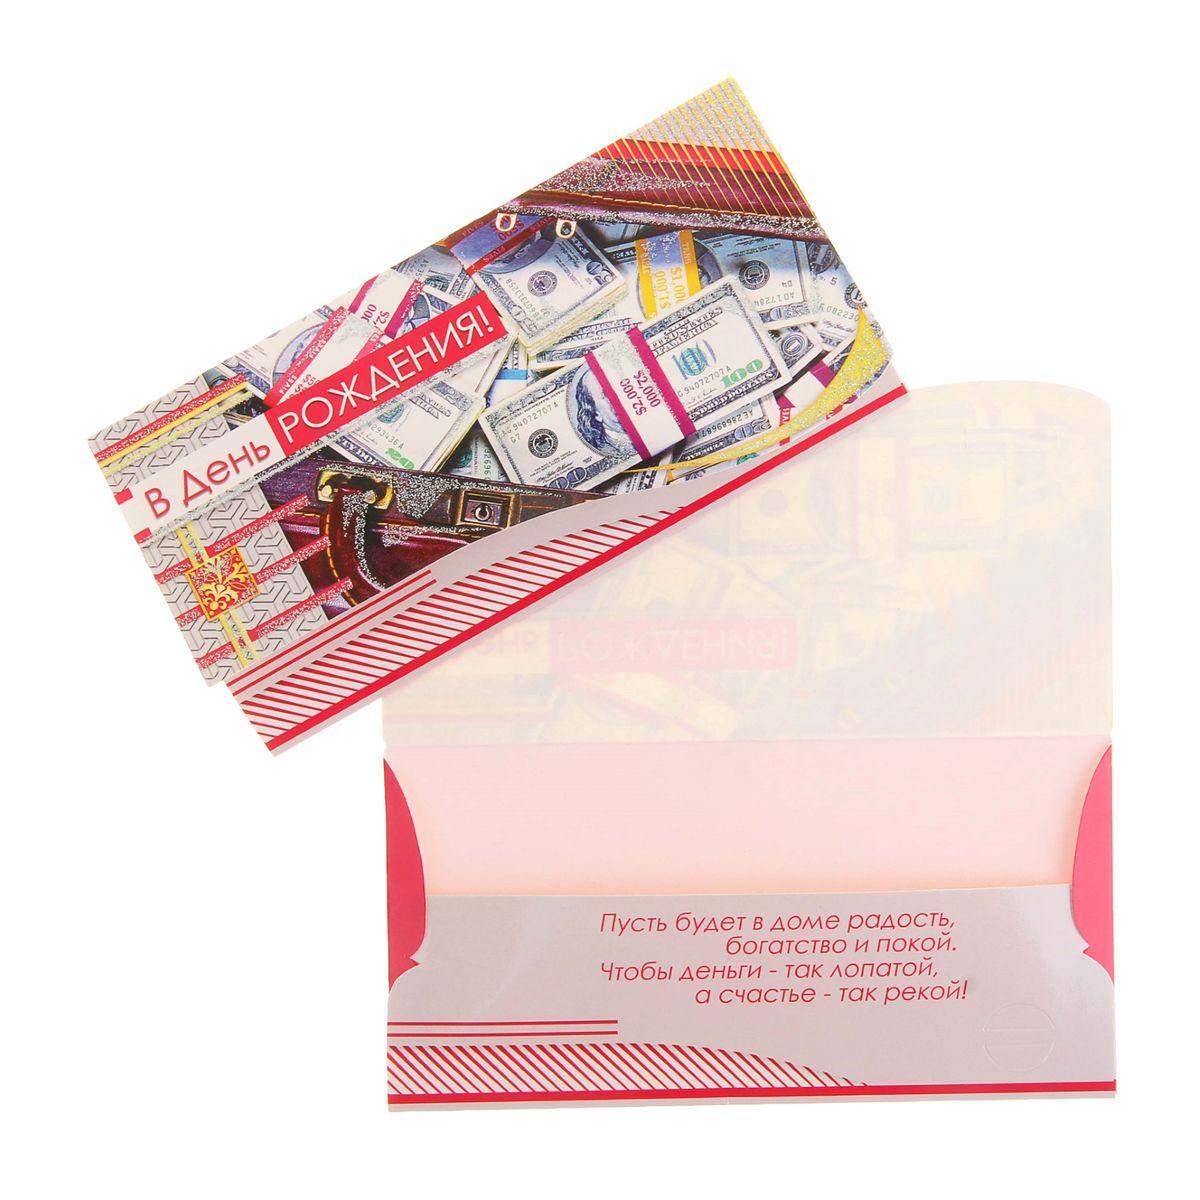 поздравление для конверта с деньгами подруге было хорошо, если